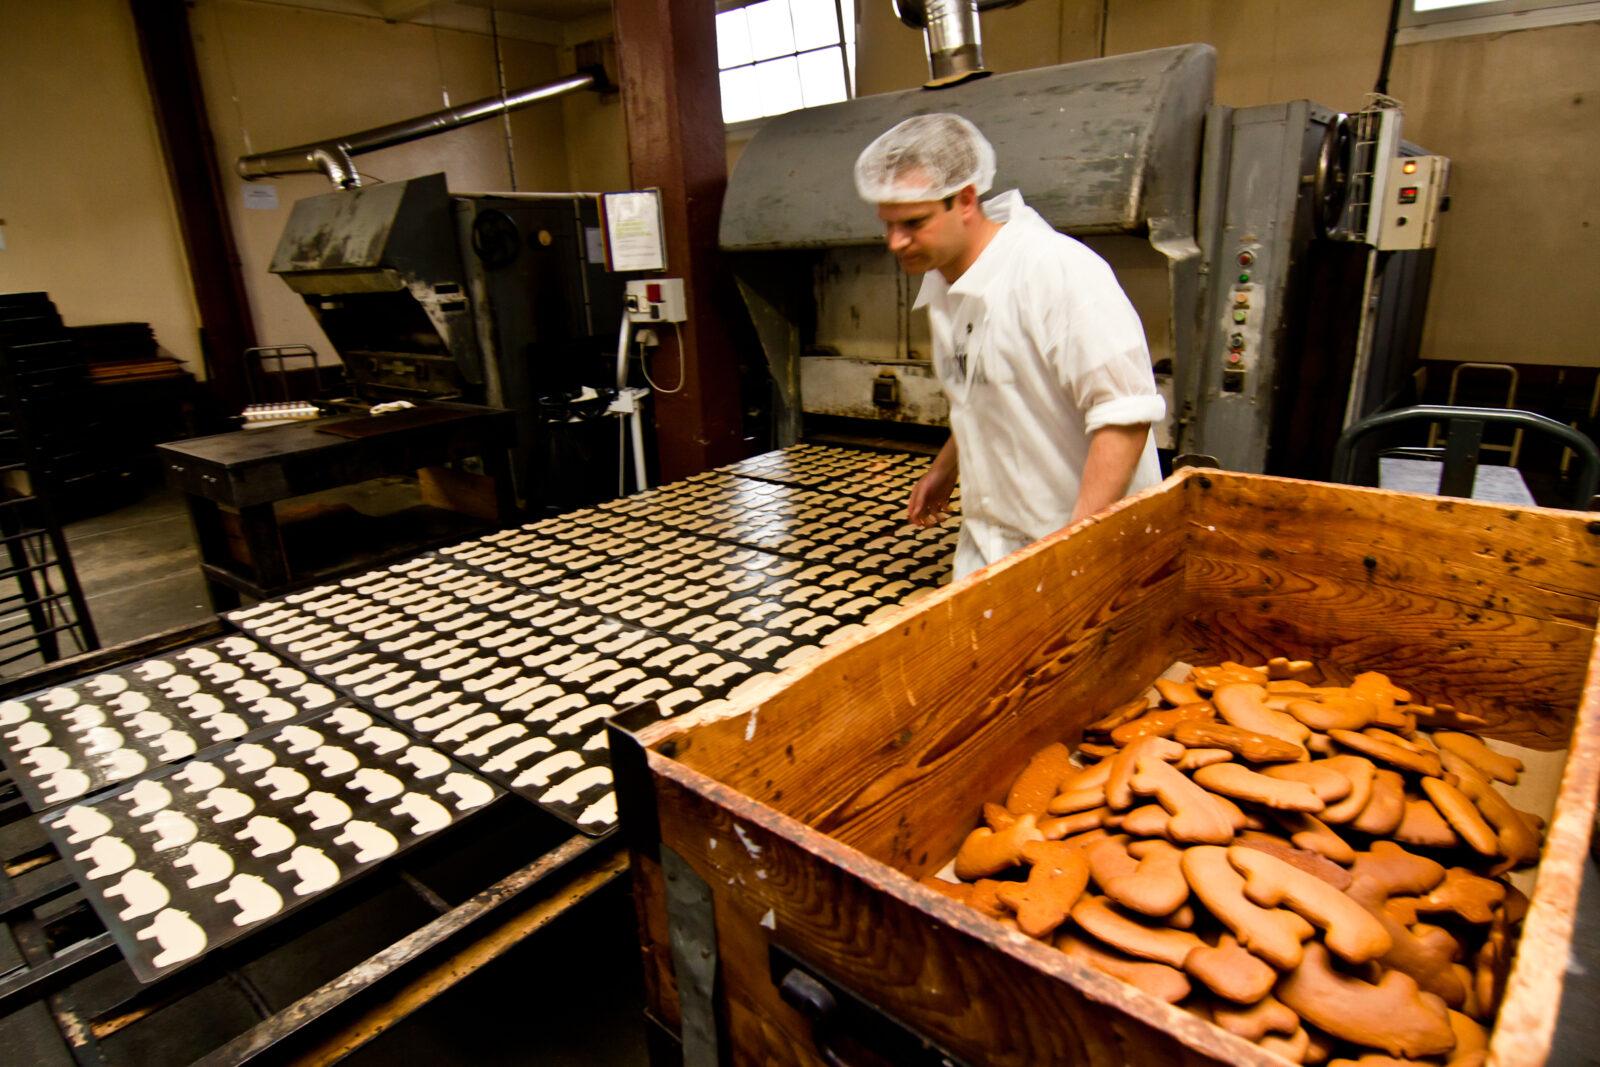 Fabrique artisanale de pain d'épice